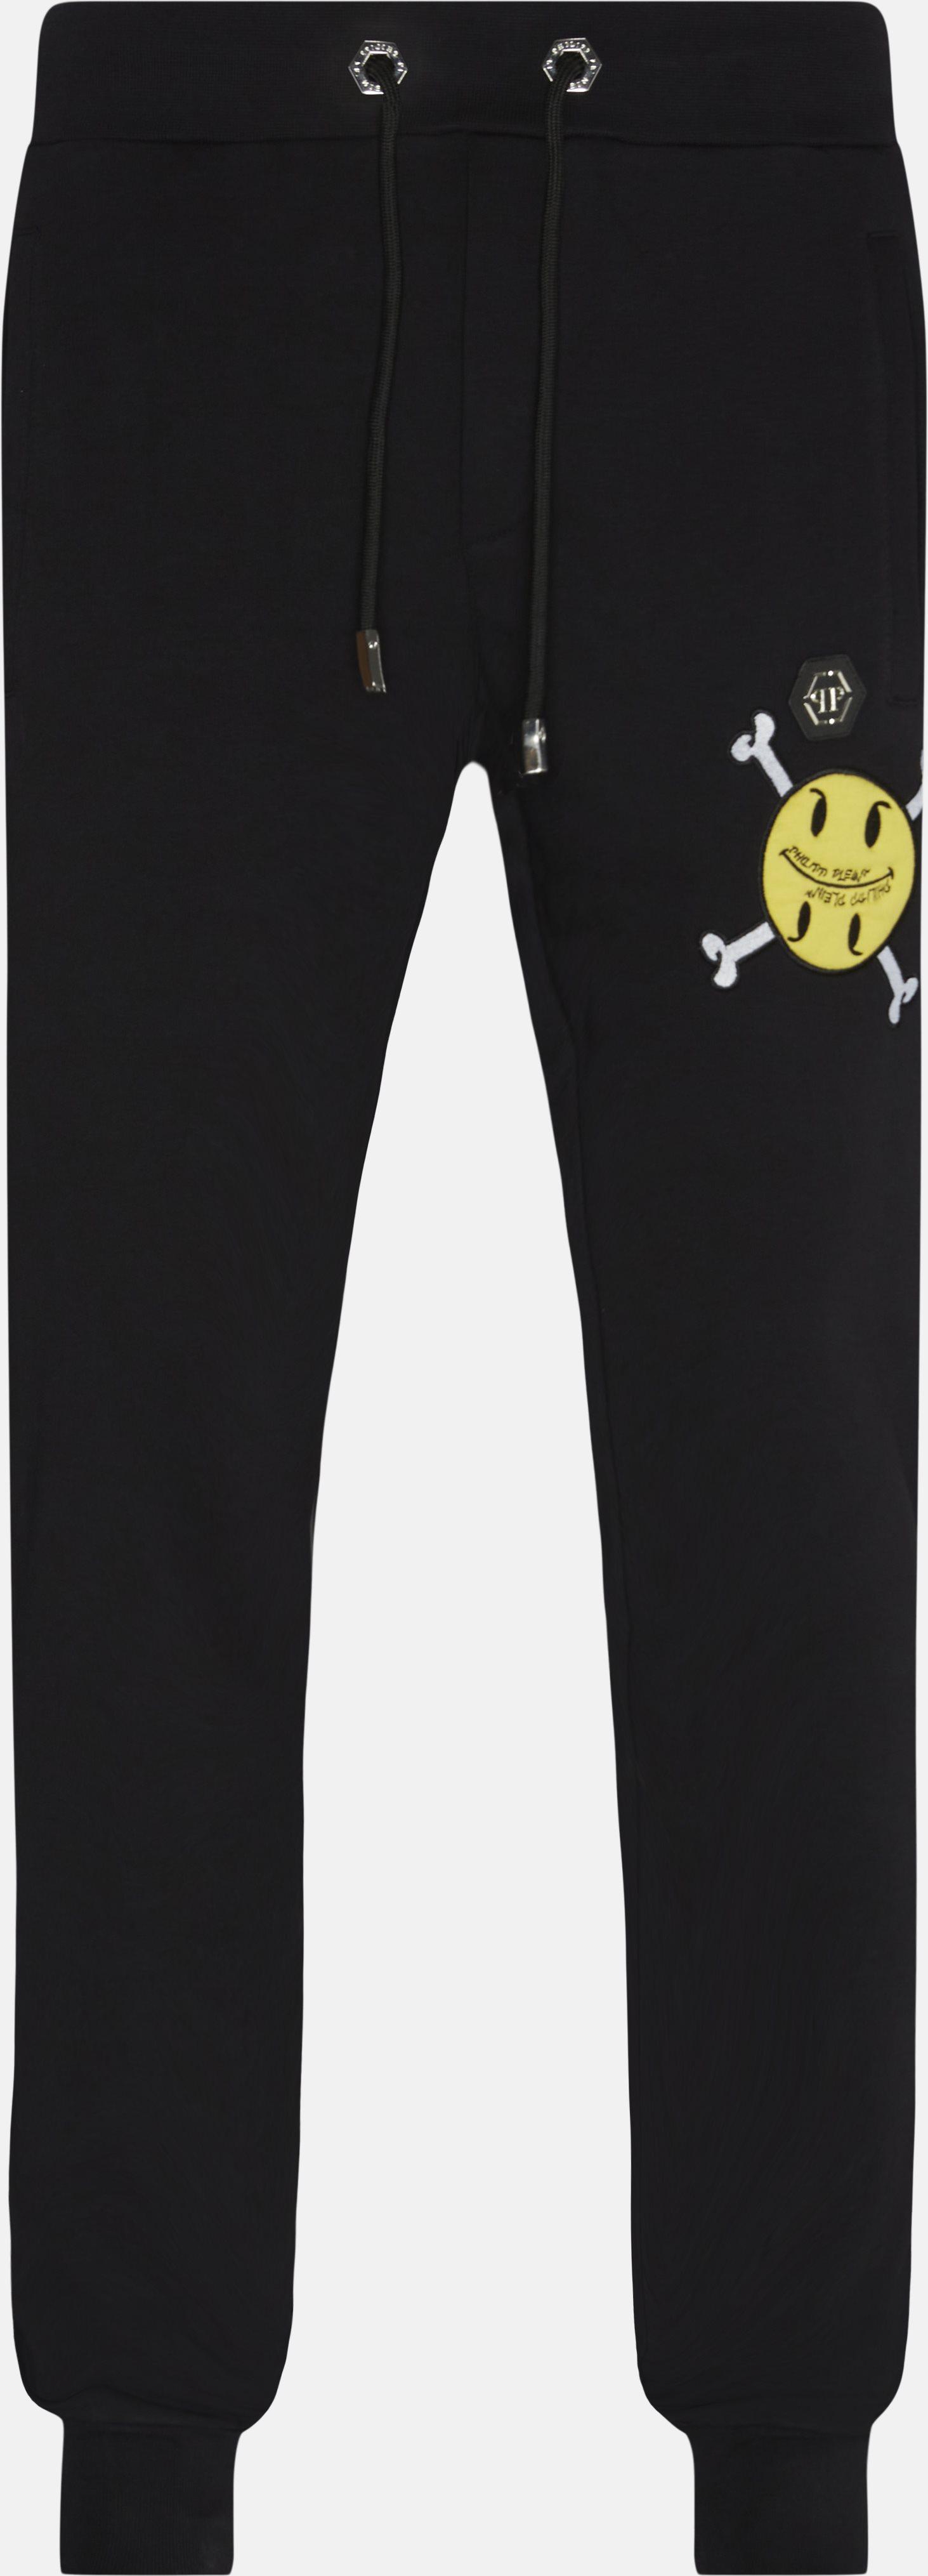 Sweatpants - Bukser - Regular - Sort